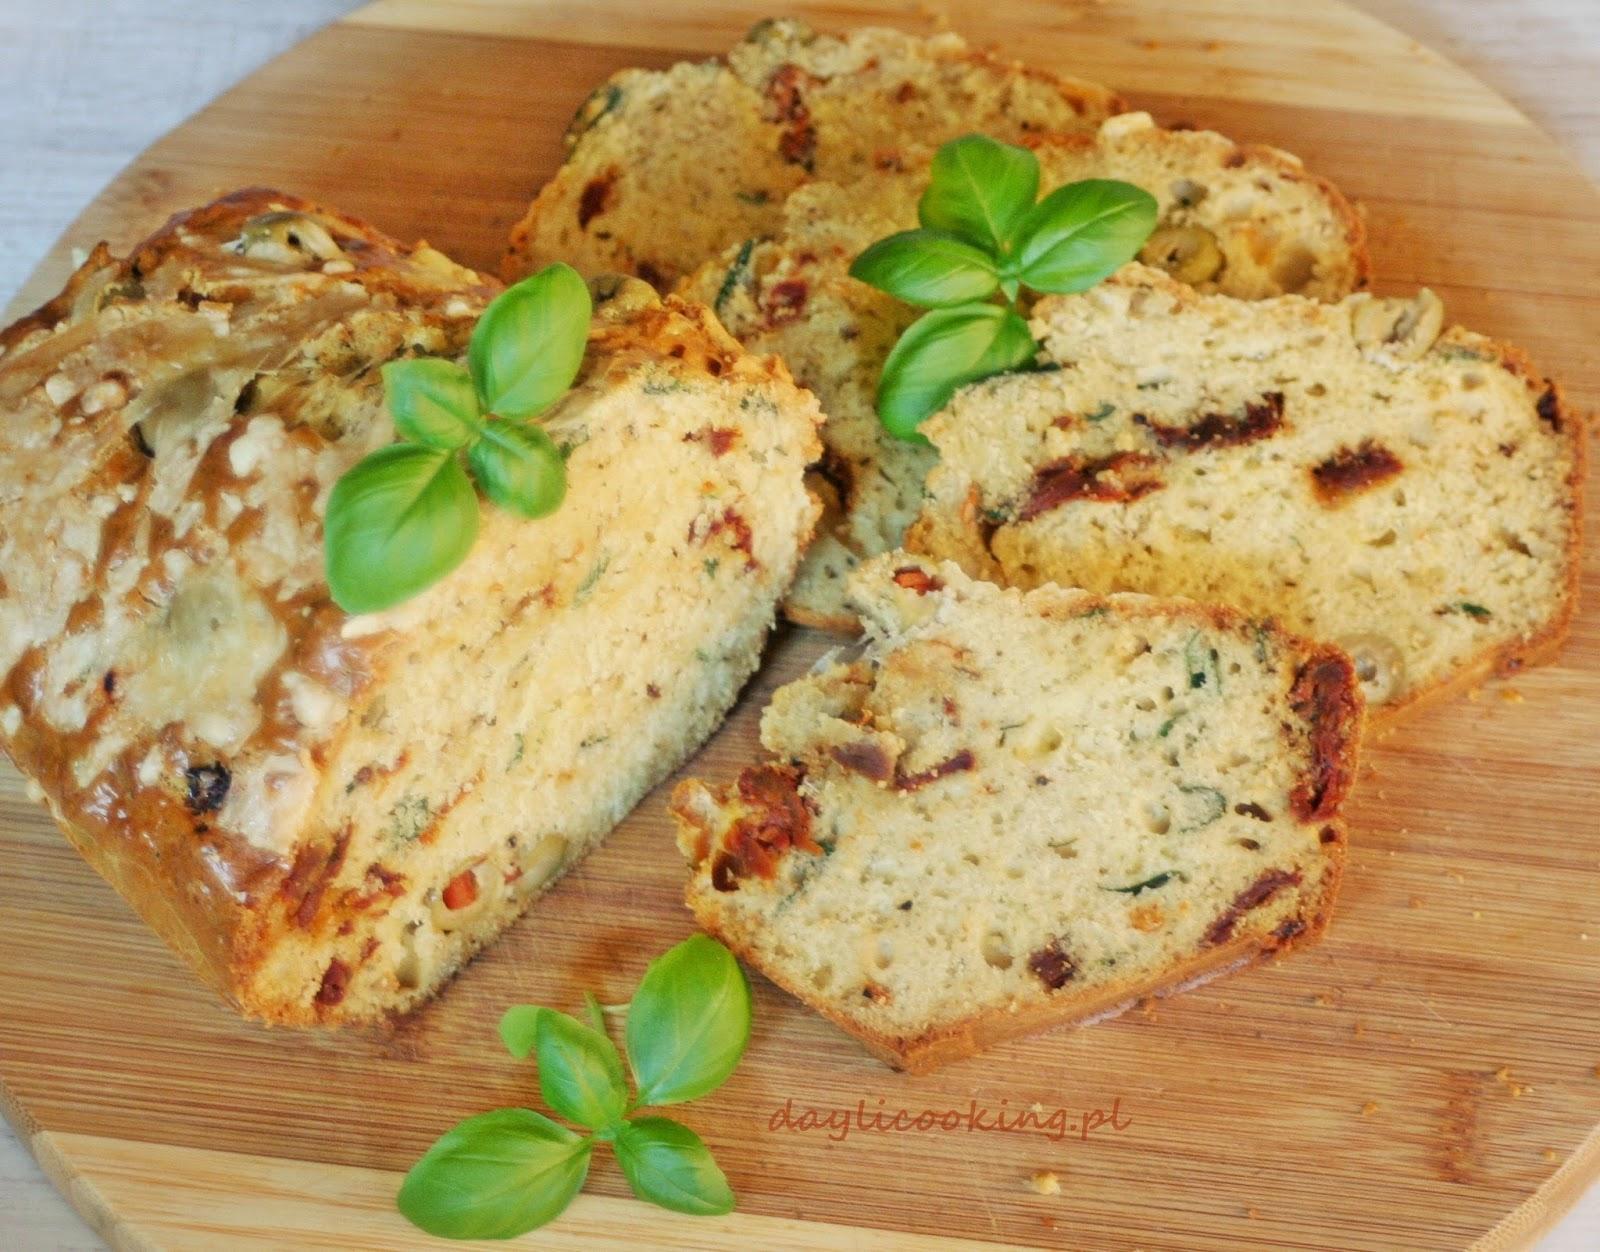 Wytrawny keks z oliwkami, bazylią i suszonymi pomidorami